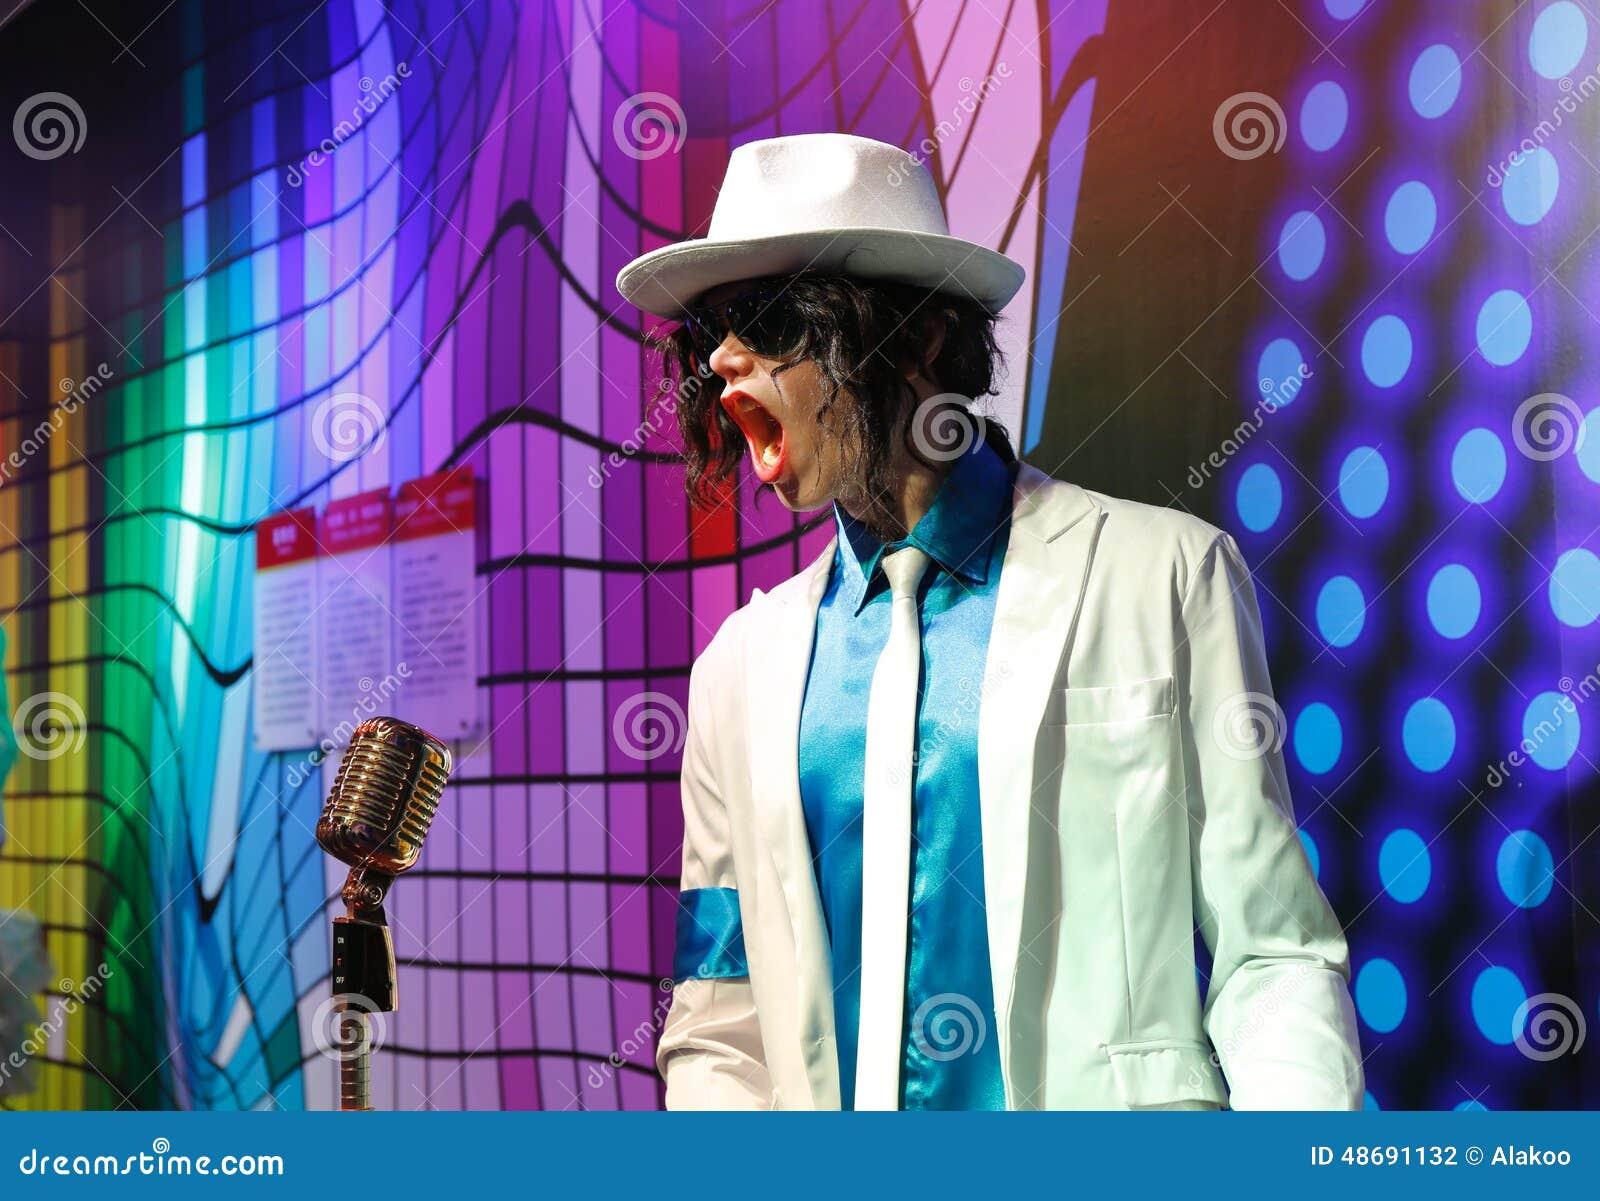 Michael Jackson, statua della cera, figura di cera, statua di cera